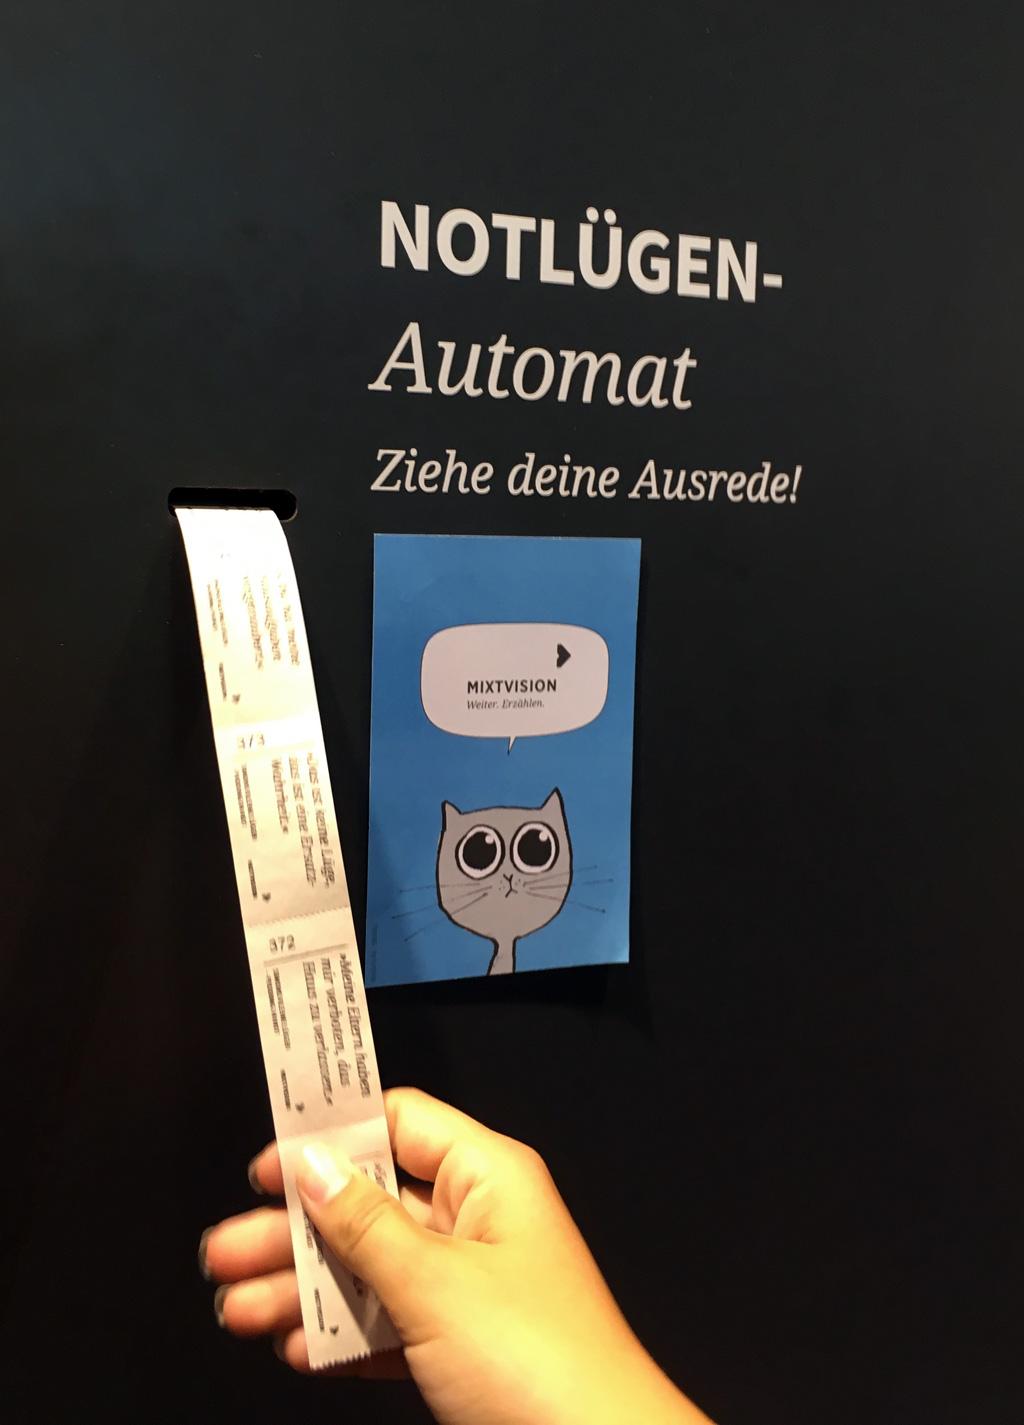 Notlügen ziehen am Automat bei Mixtvision.